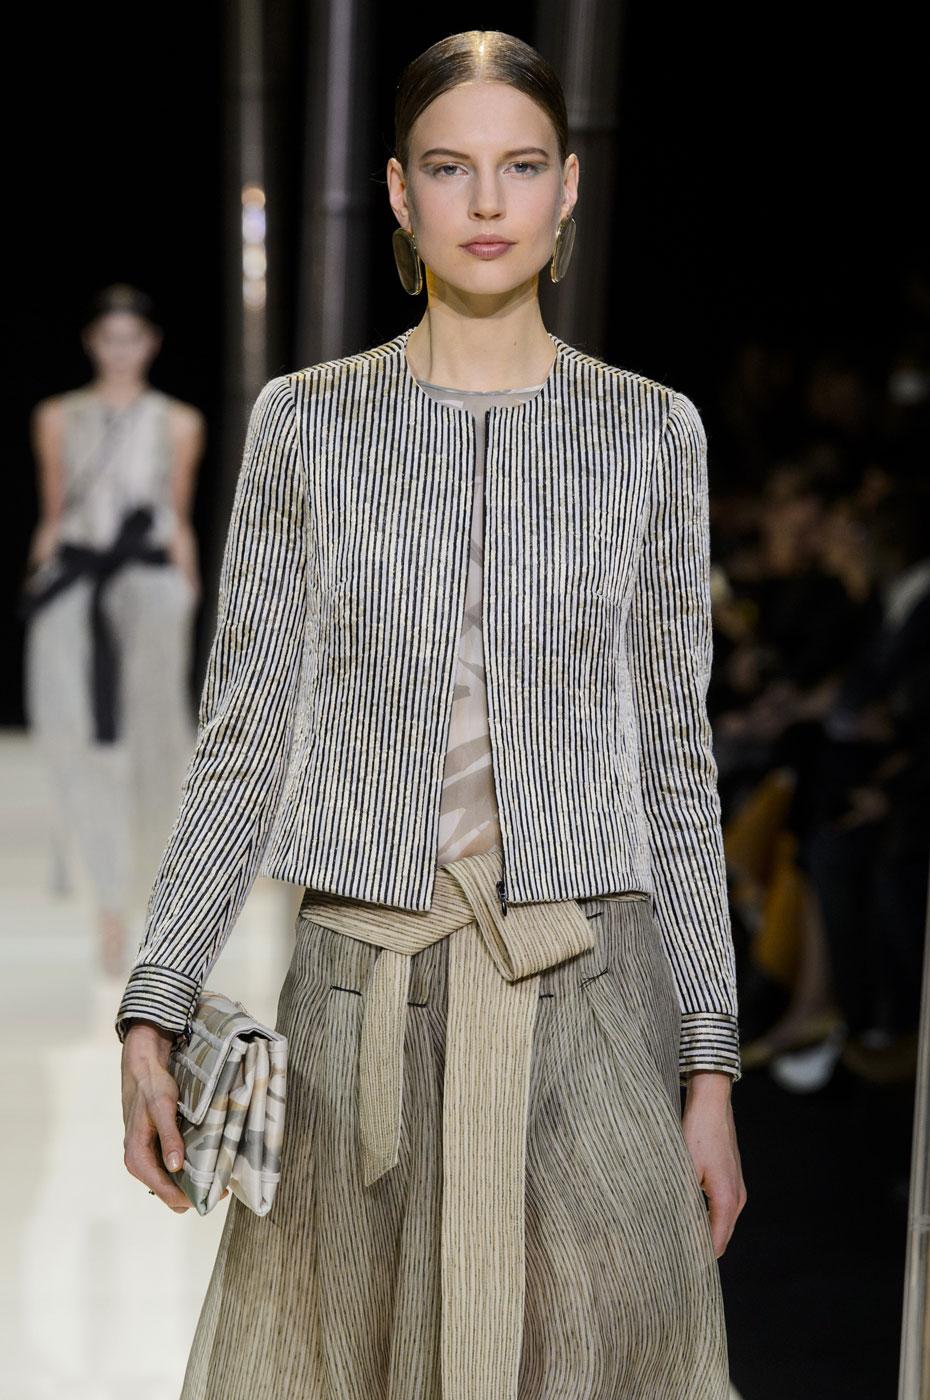 Giorgio-armani-Prive-fashion-runway-show-haute-couture-paris-spring-2015-the-impression-026